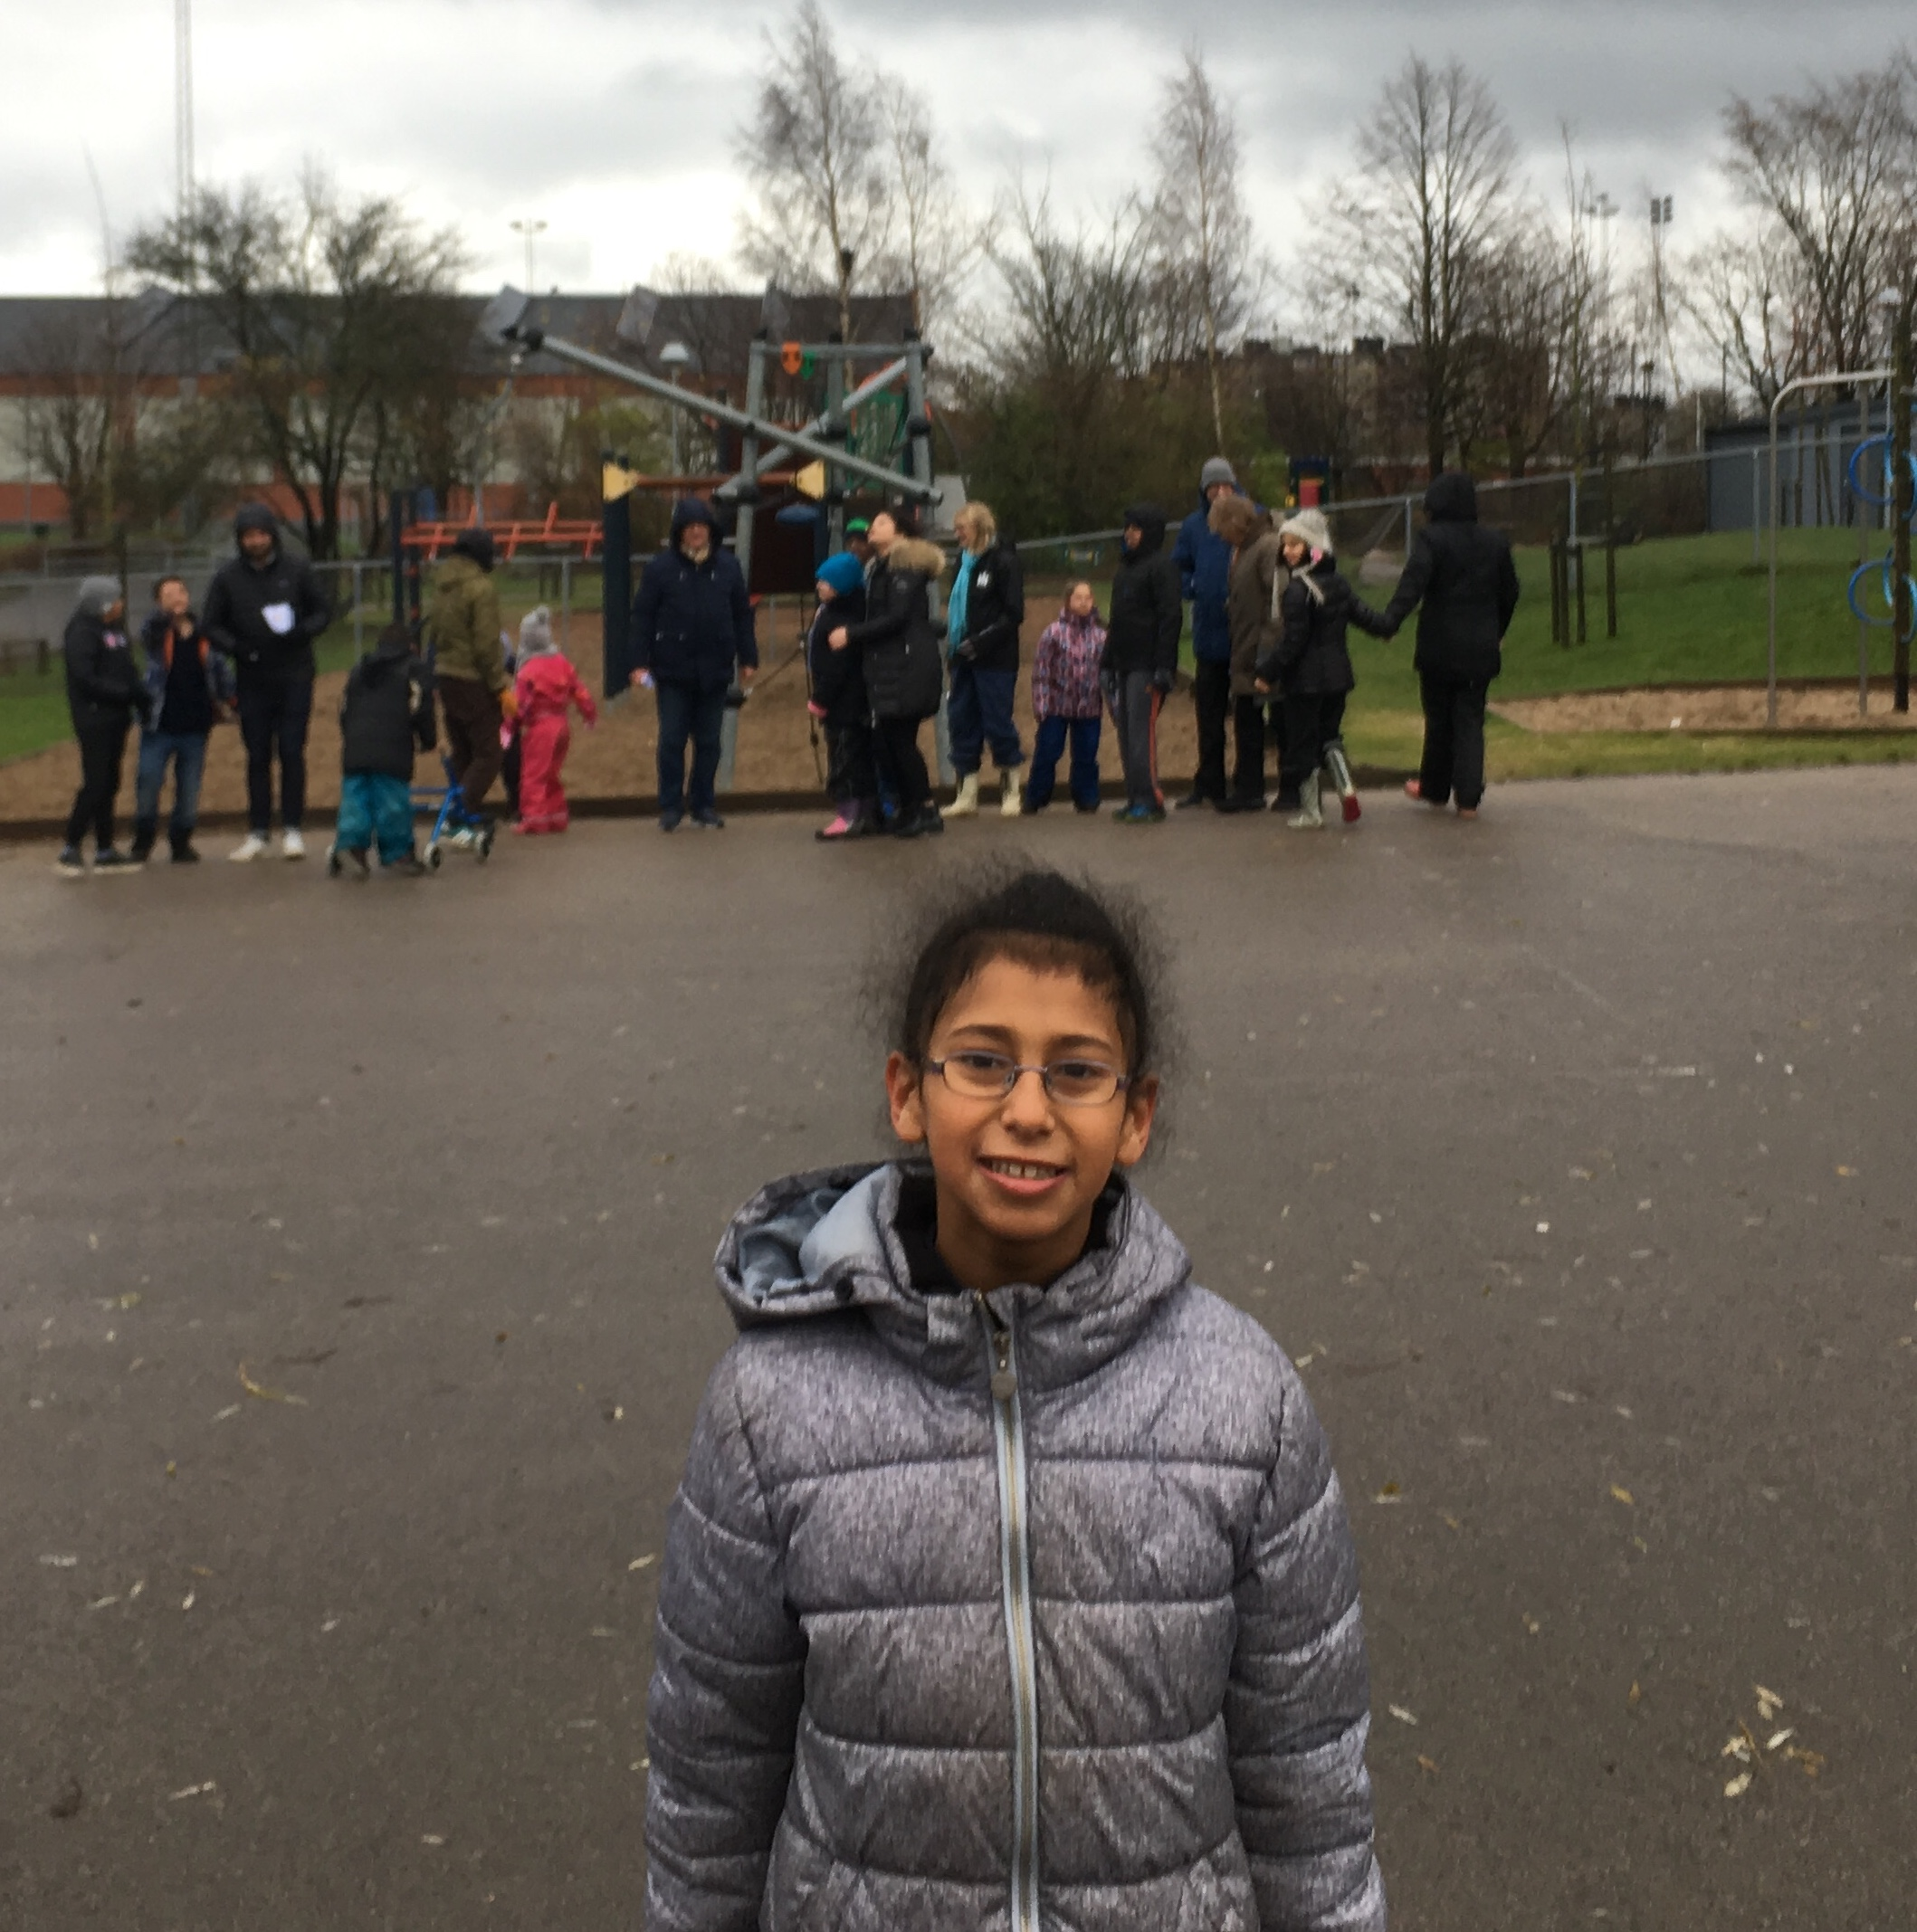 Elev står på skolgård där andra barn leker.